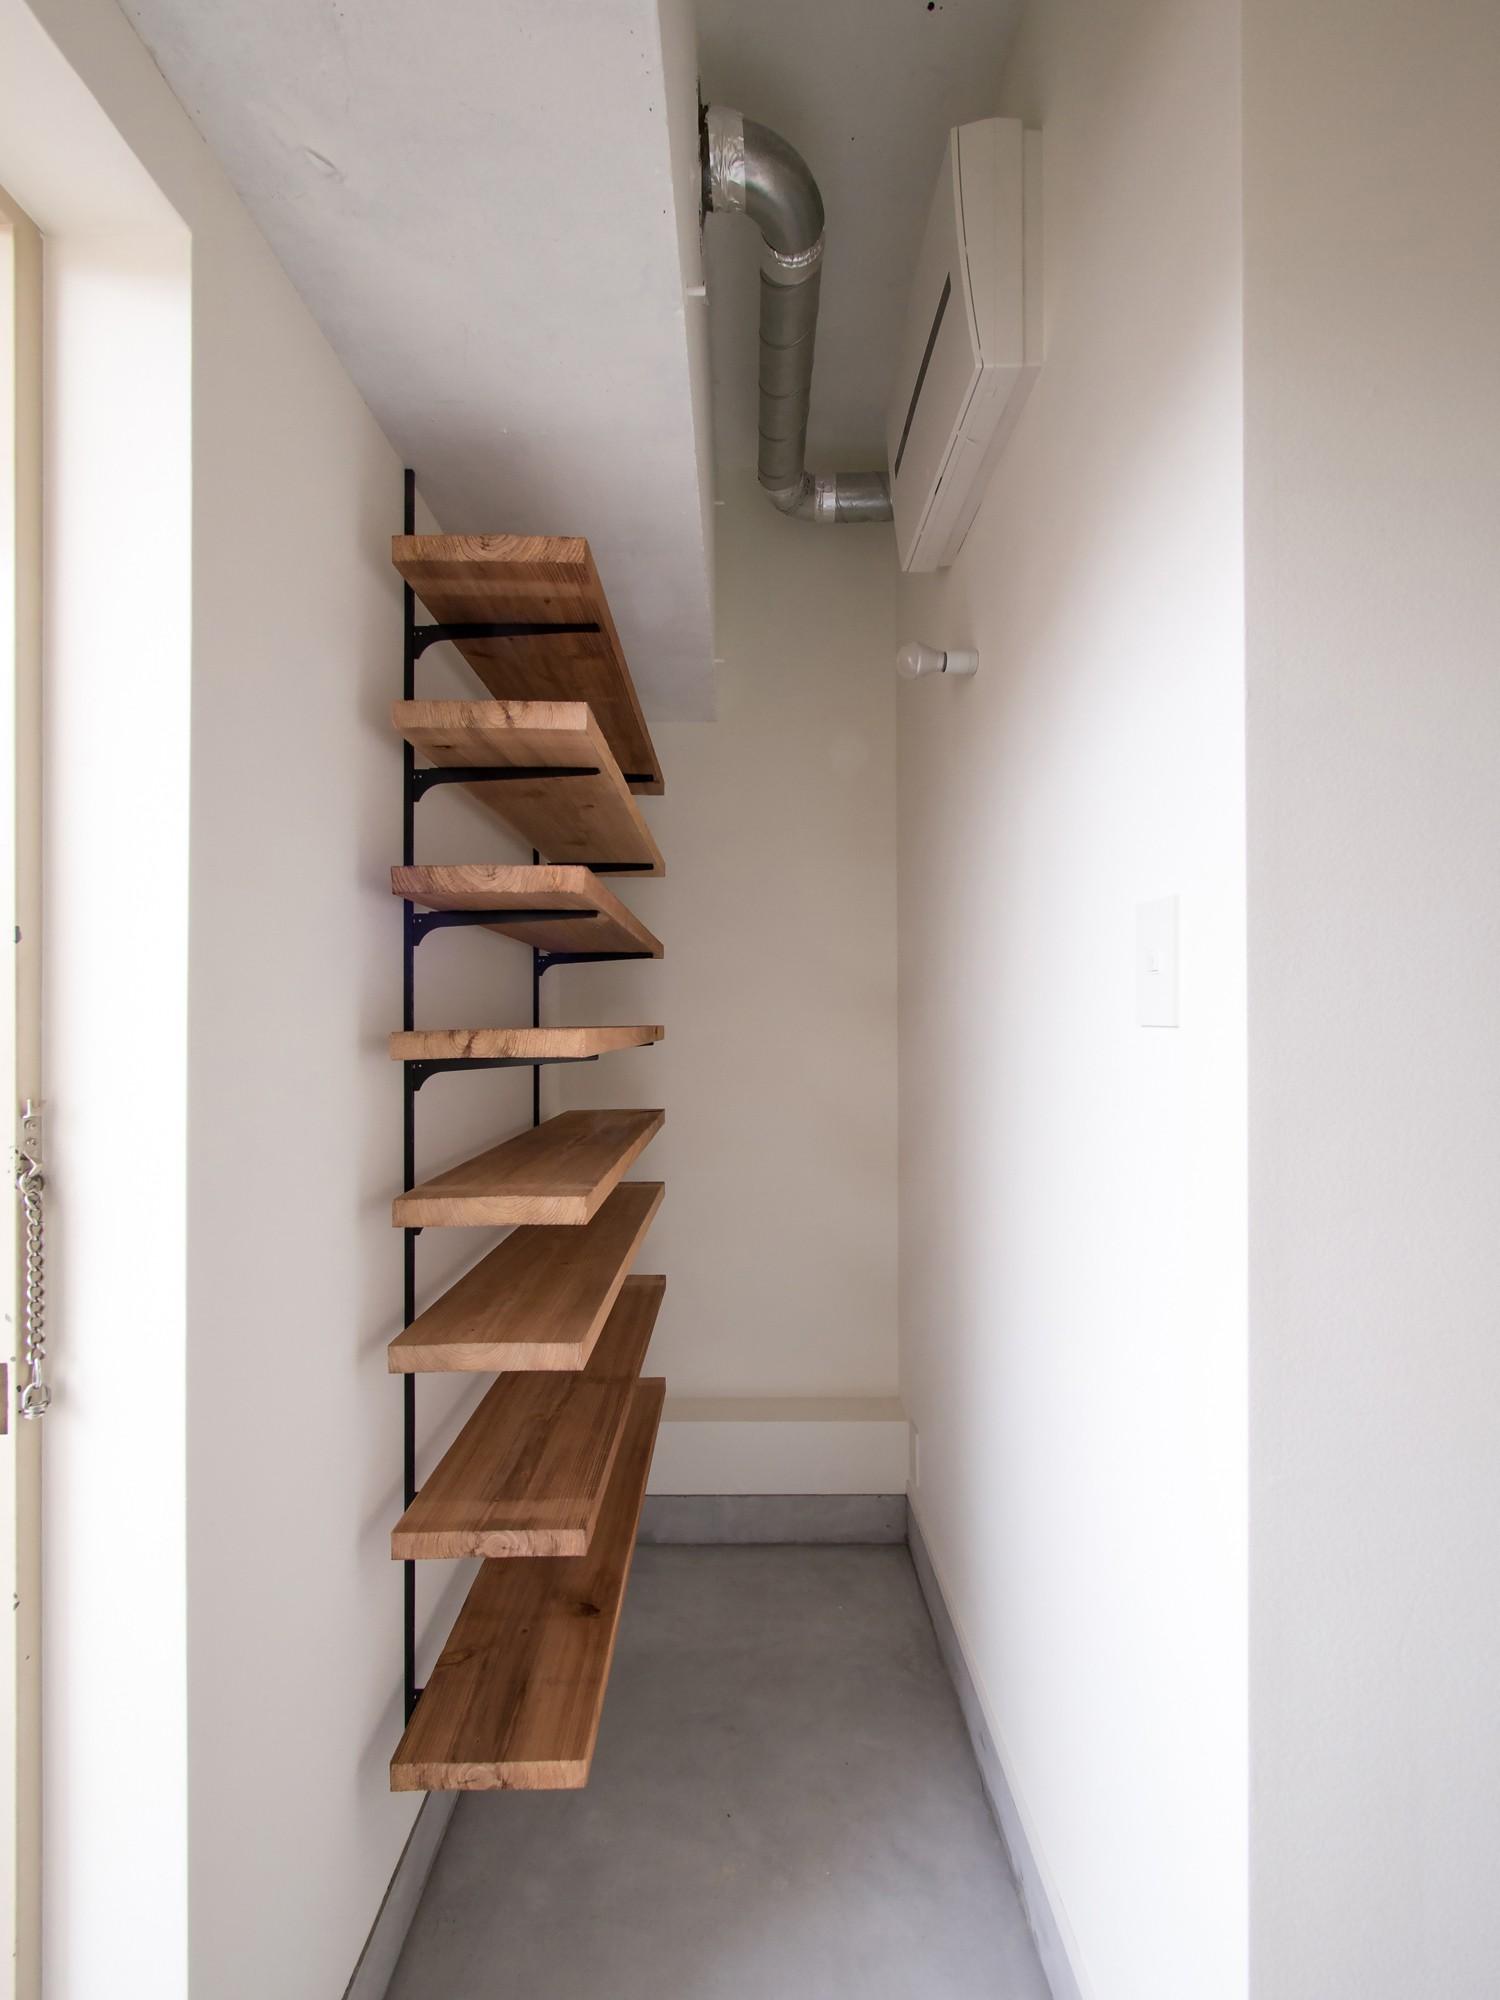 玄関事例:オープンタイプのシューズクローク(素因数の家 すくすくリノベーションvol.11)